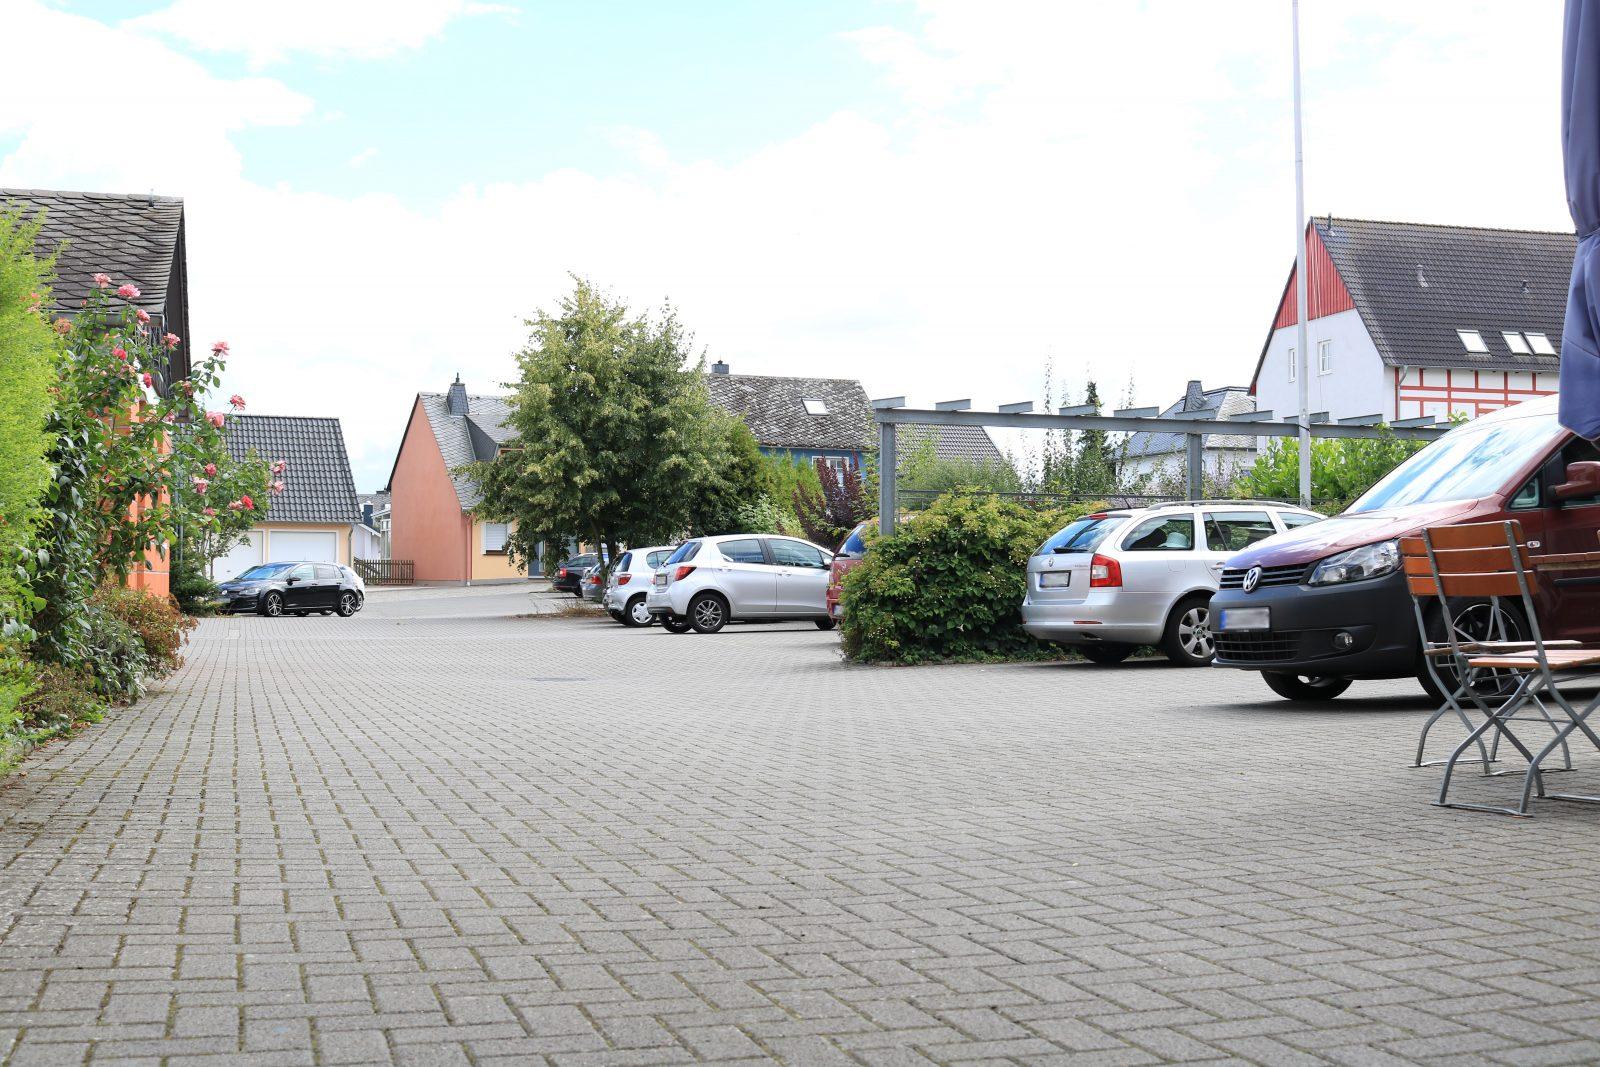 Unsere Parkmöglichkeiten